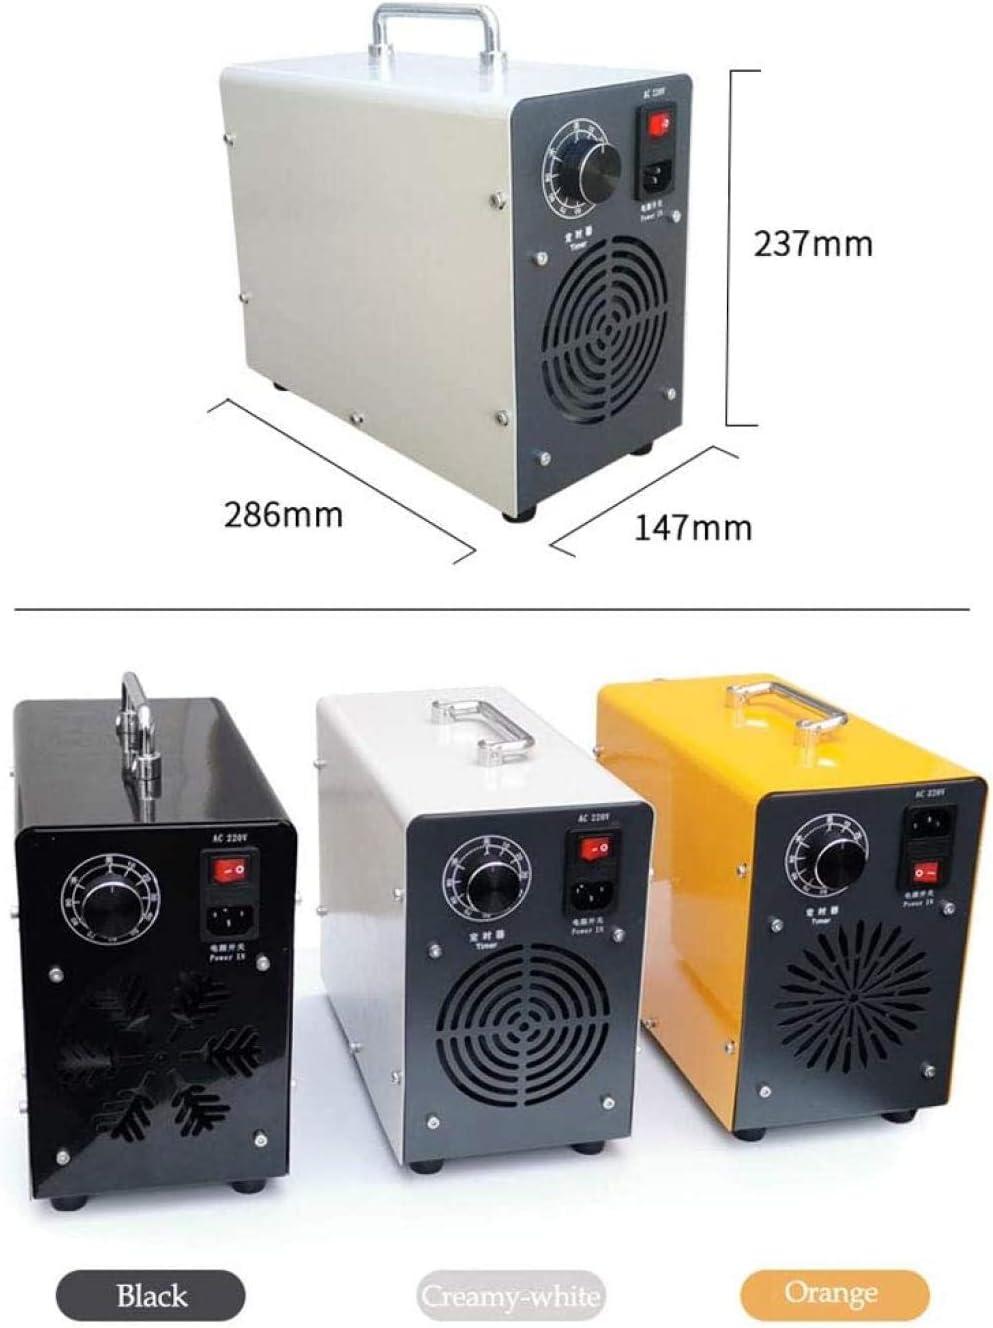 LIUTAO Generador de ozono 20,000 MG//h ozono purificador de Aire desinfecci/ón del hogar Dispositivo de ozono ozonizador esterilizador de prevenci/ón de Virus para Oficina en el hogar Hotel Coche-UNA